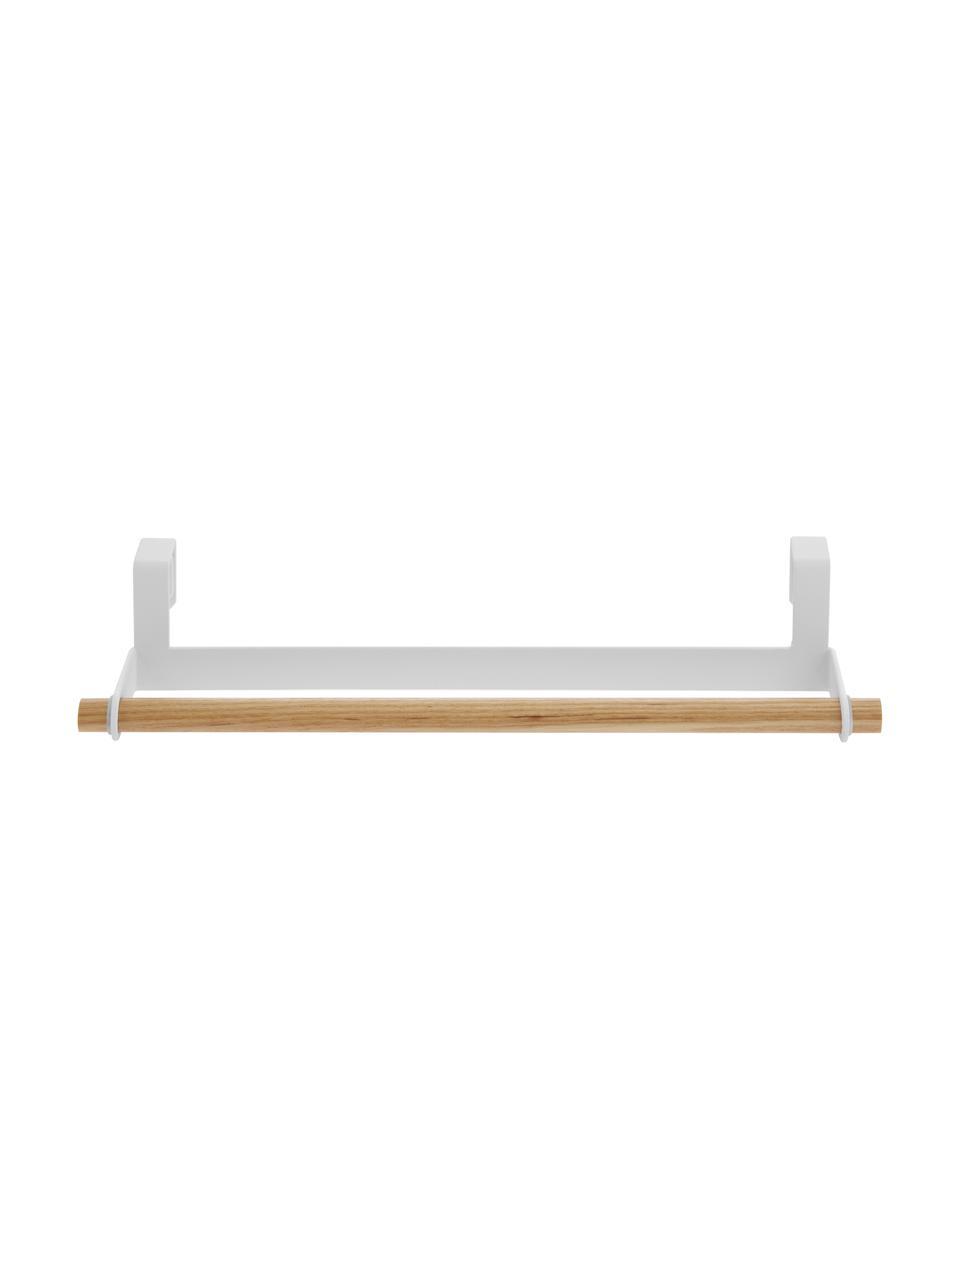 Handtuchhalter Tosca, Halter: Stahl, beschichtet, Stange: Holz, Weiß, Holz, 33 x 6 cm